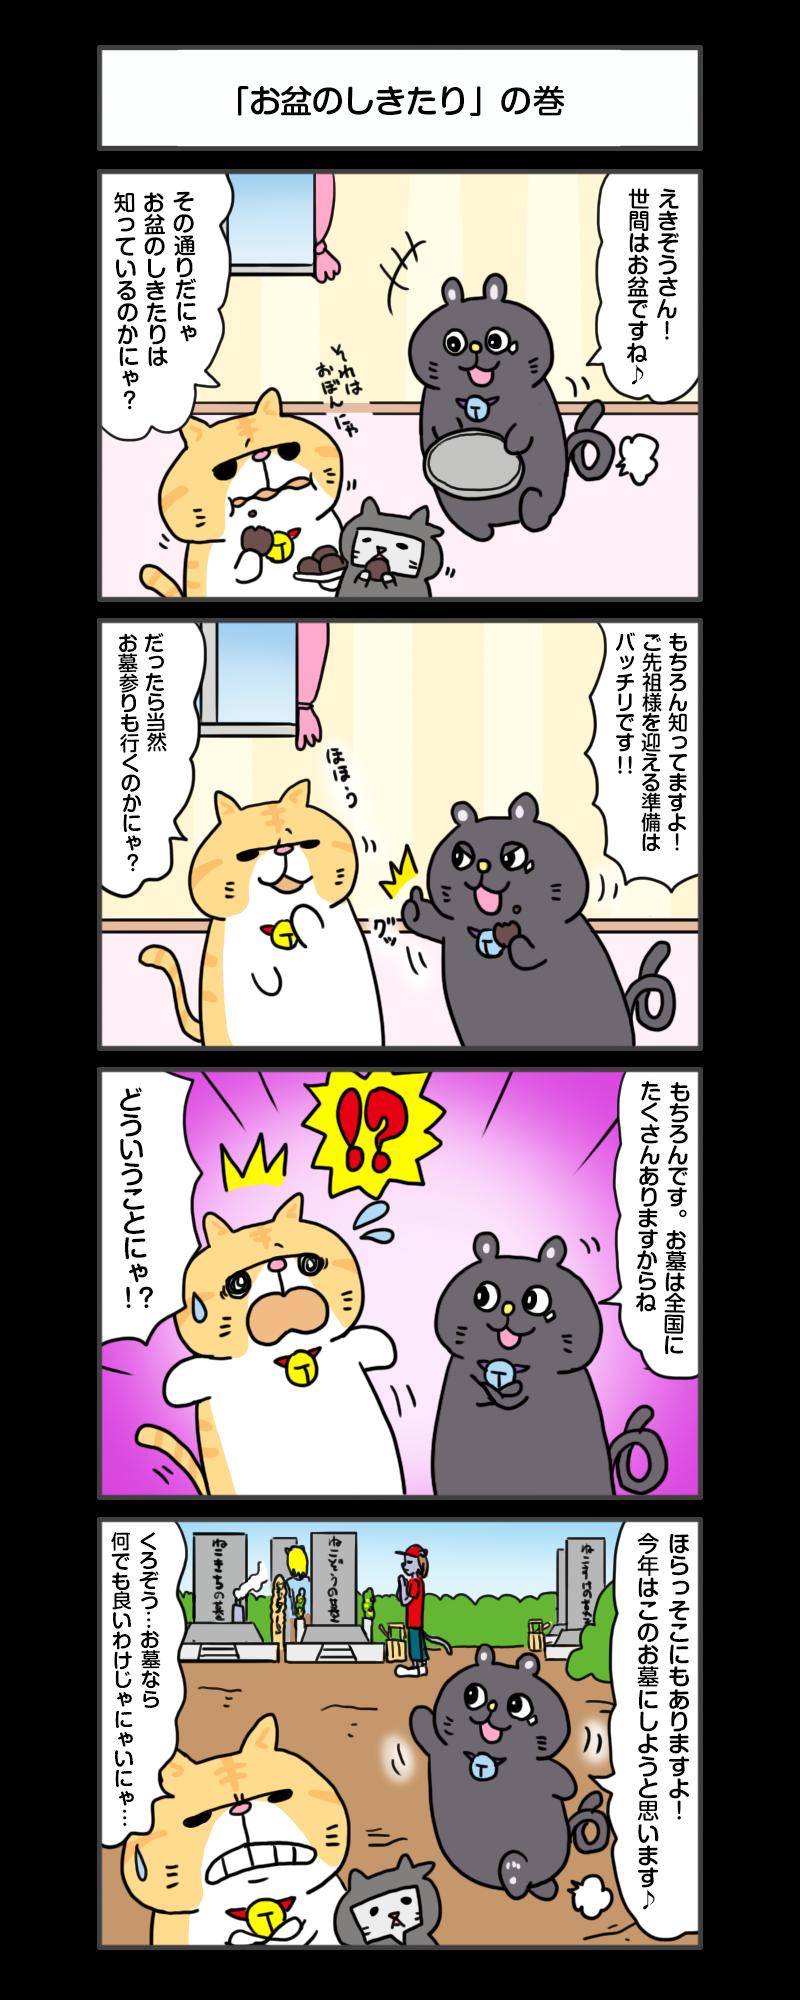 えきそ_うmanga_vol.106